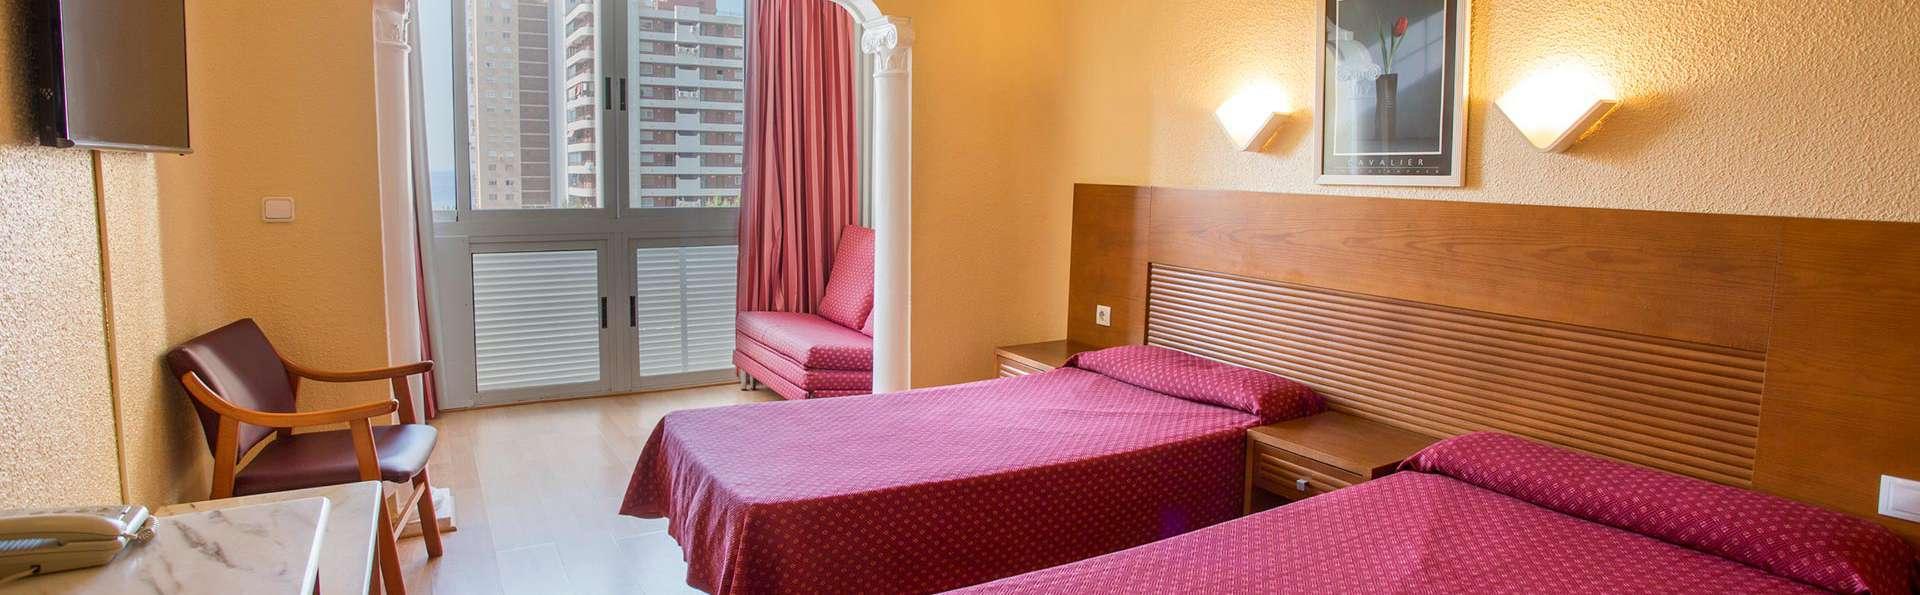 Mini-vacances dans un formidable hôtel à Benidorm en formule tout compris